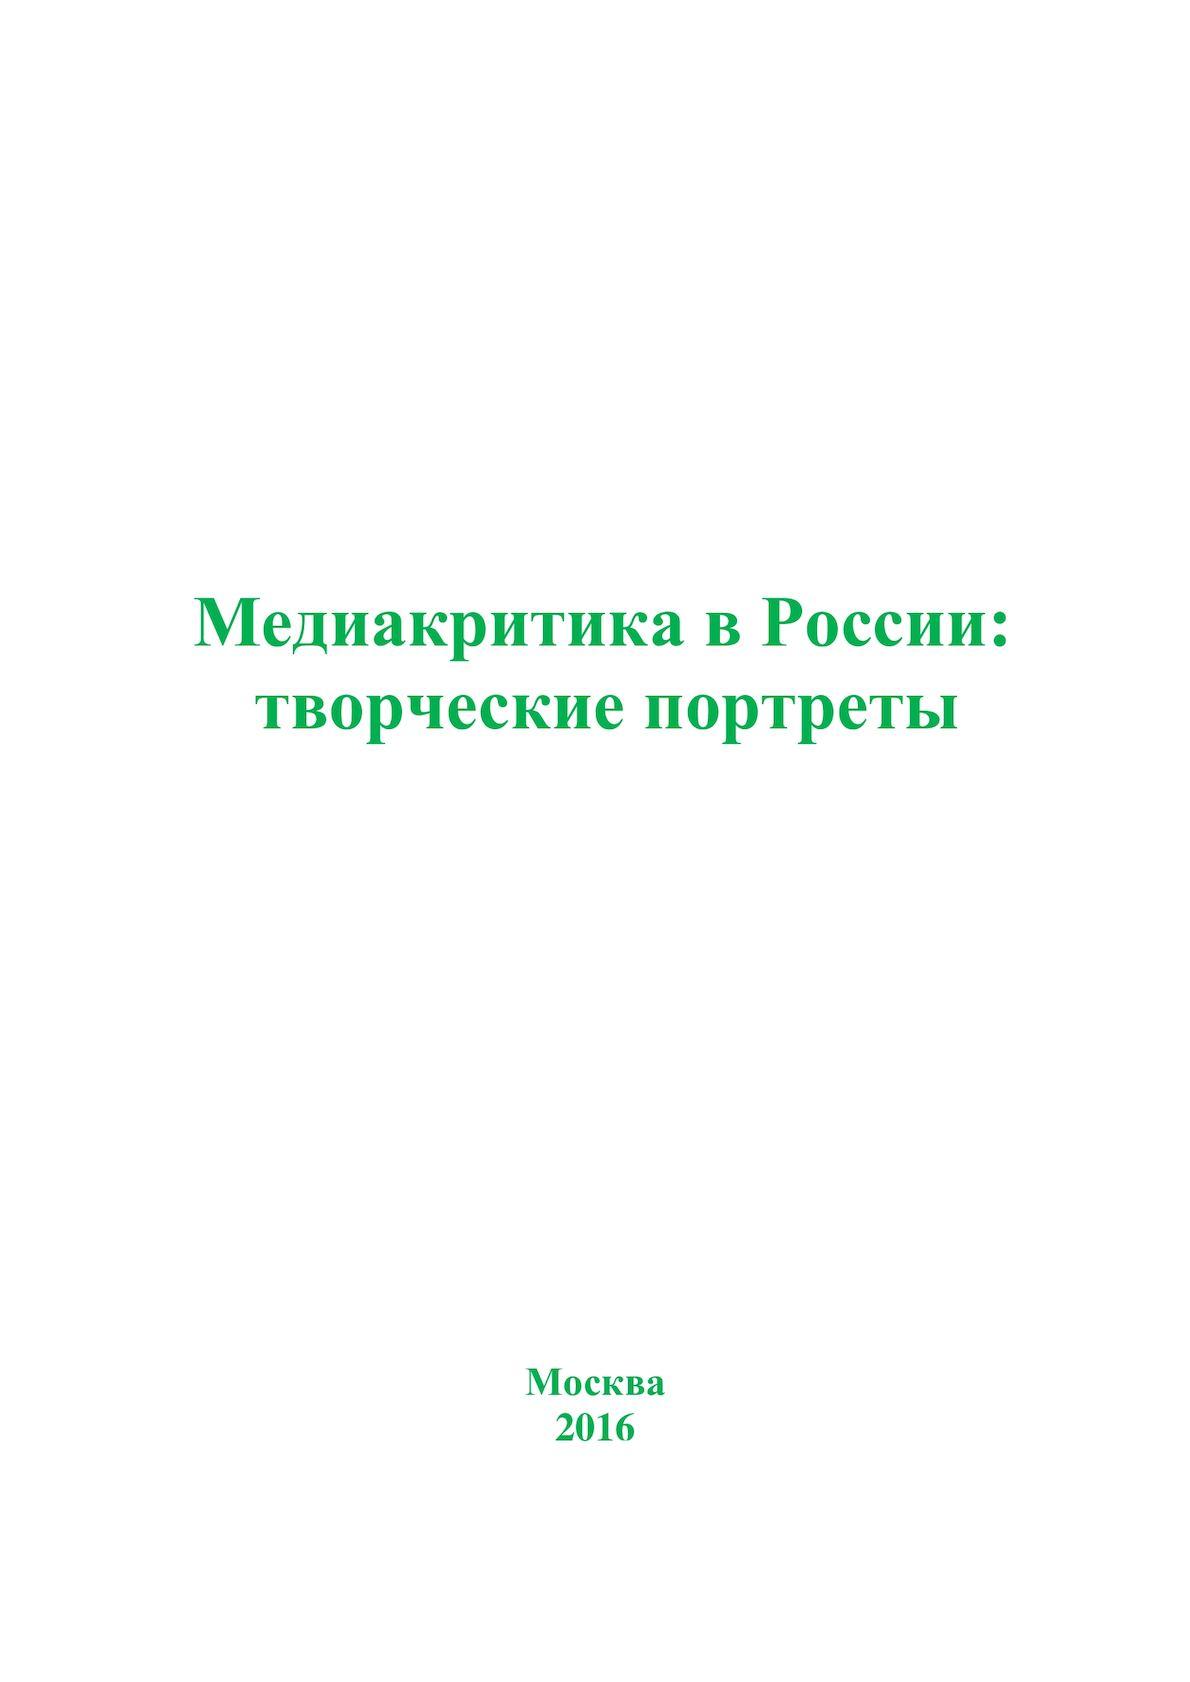 абрашитов владимир викторович ульяновск фото